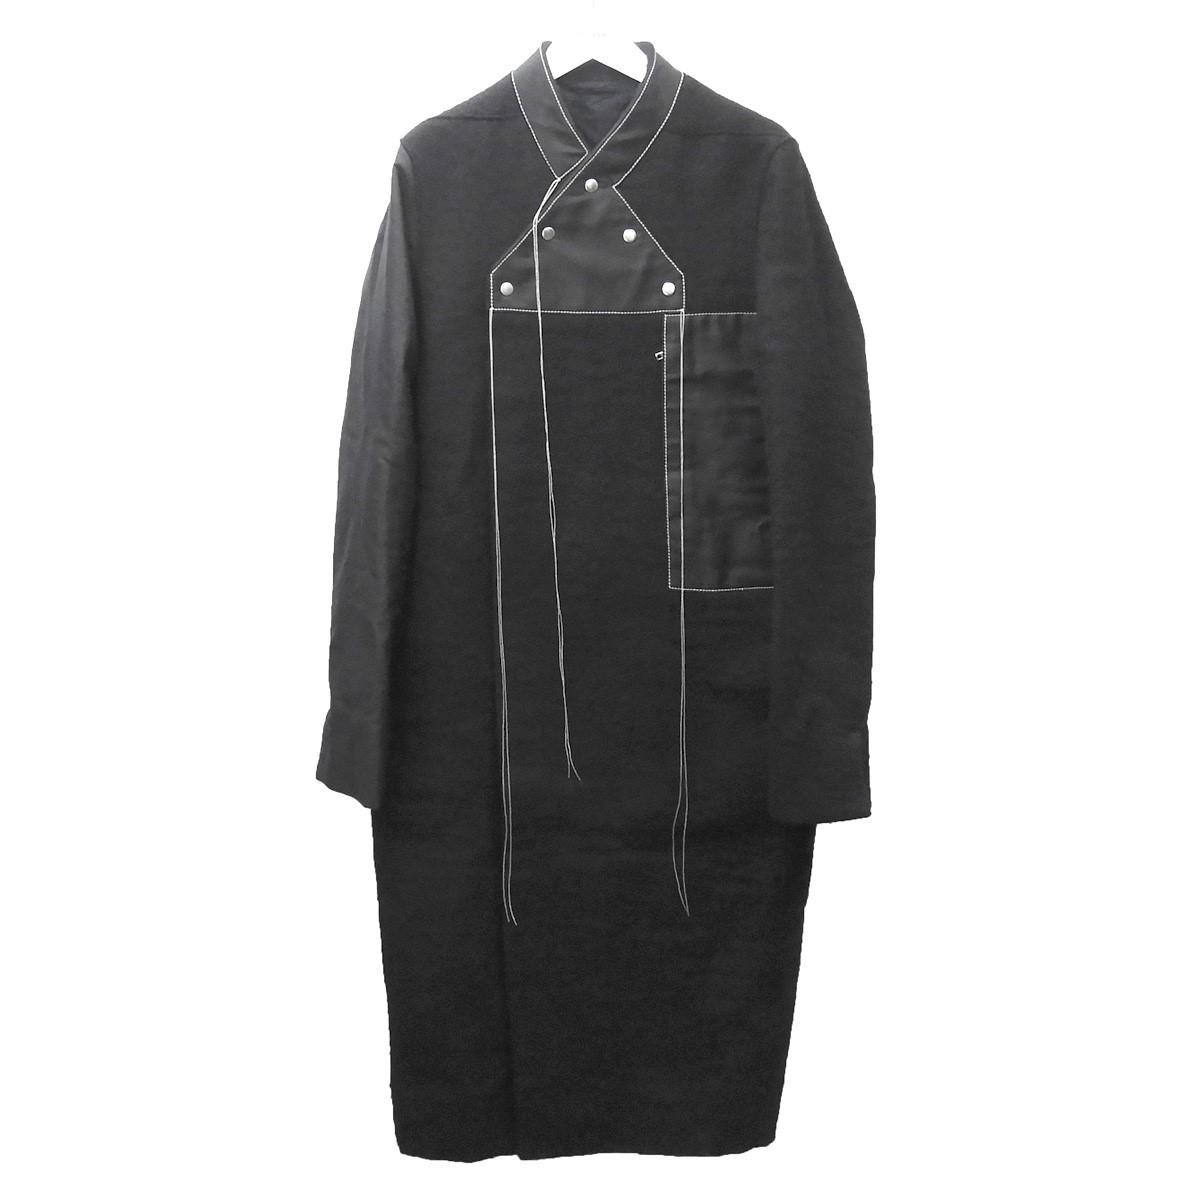 【中古】Rick Owens 2018AW 「Longline Wool WRAP COAT」ラップコート ブラック サイズ:46 【100720】(リックオウエンス)